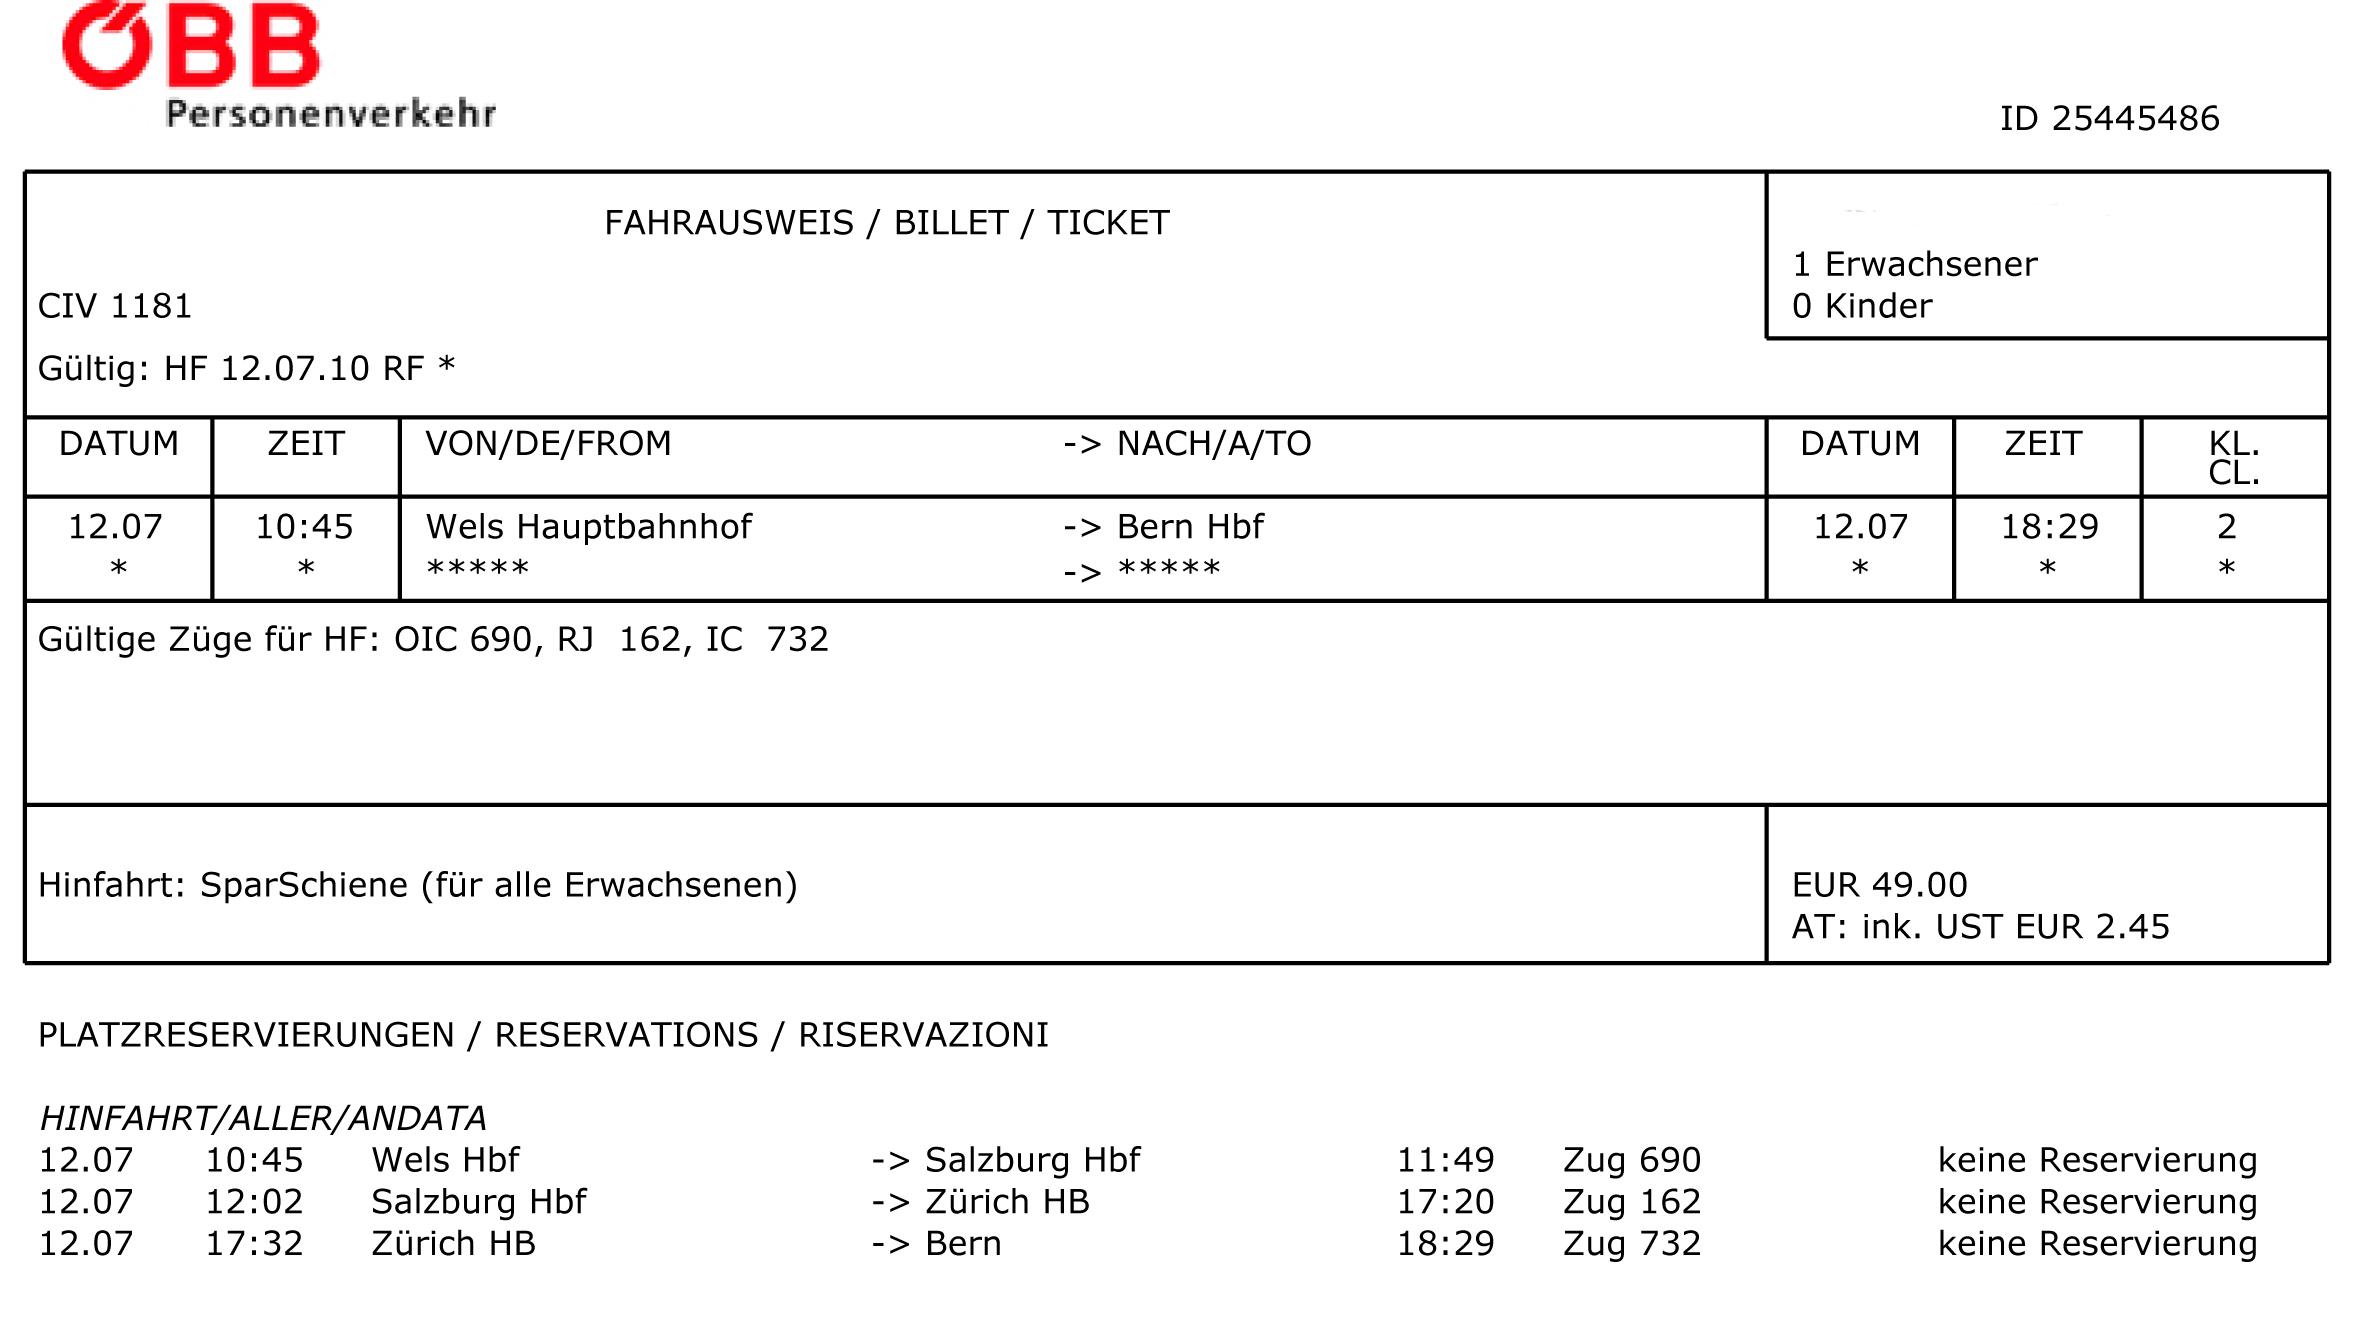 öbb Sparschiene Ticket 12 Juli 2010 Von Wels Nach Bern In Hagenberg